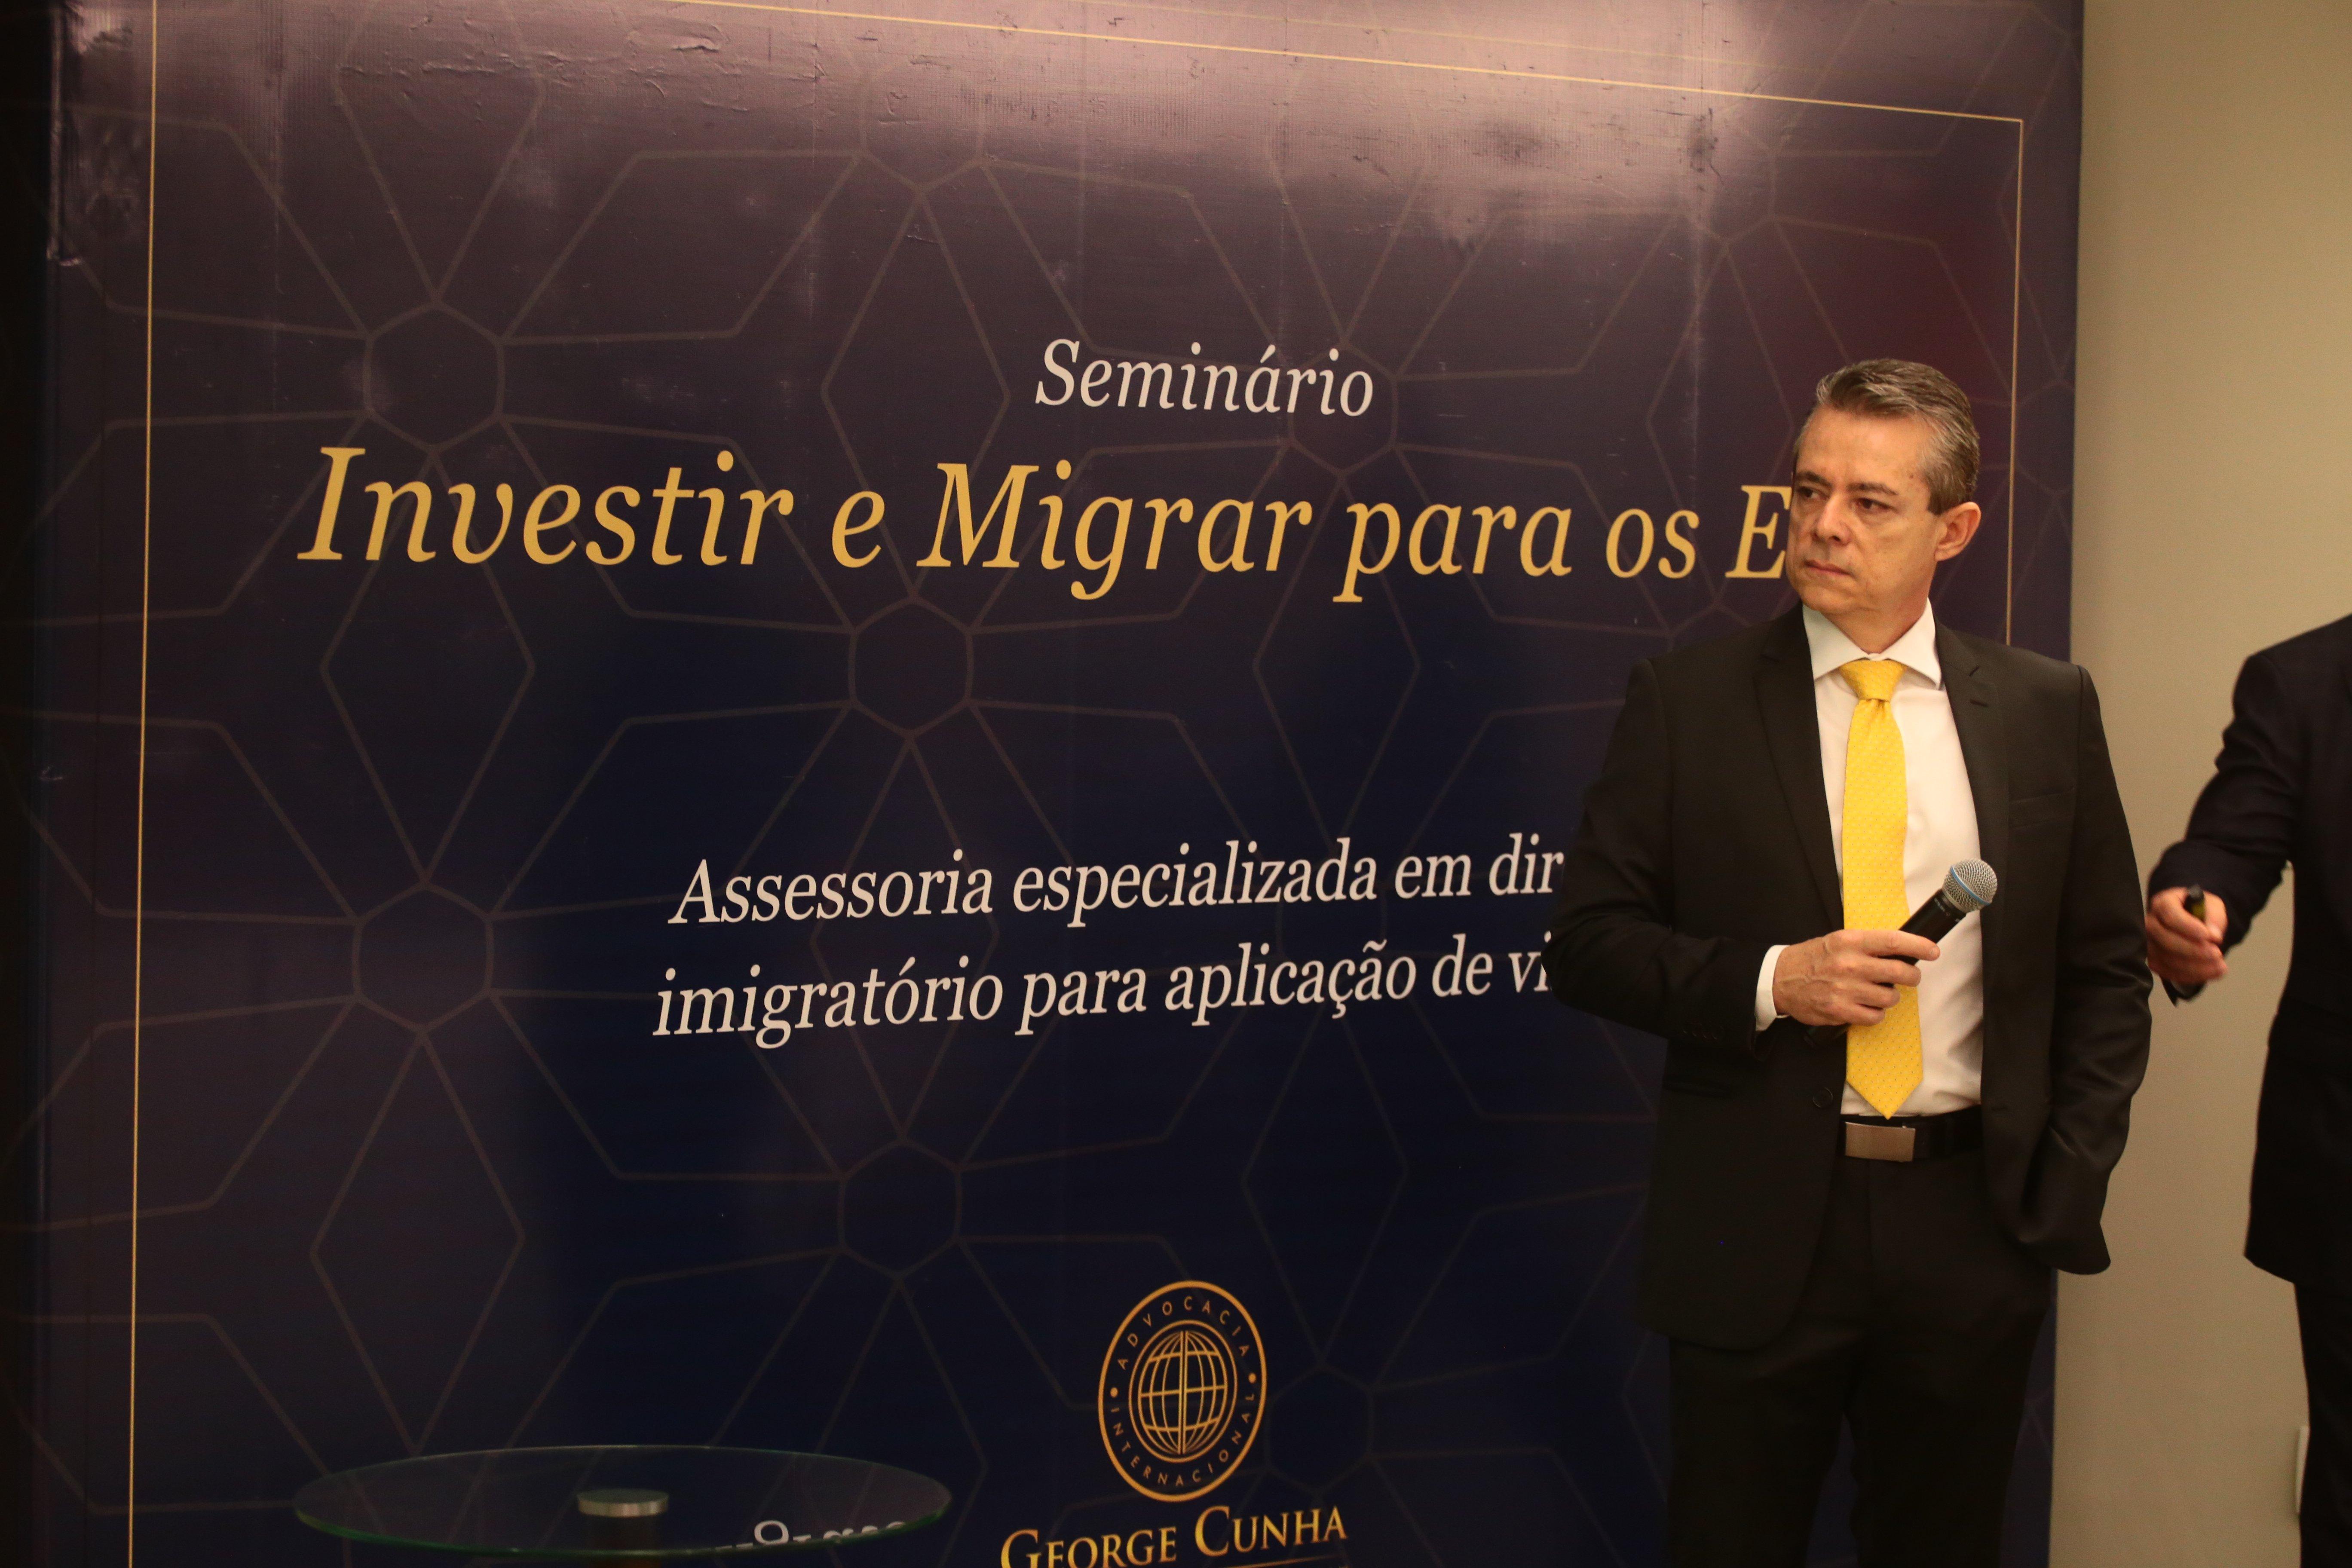 Eventos sobre o visto EB5 realizados em São Paulo, Recife e Fortaleza